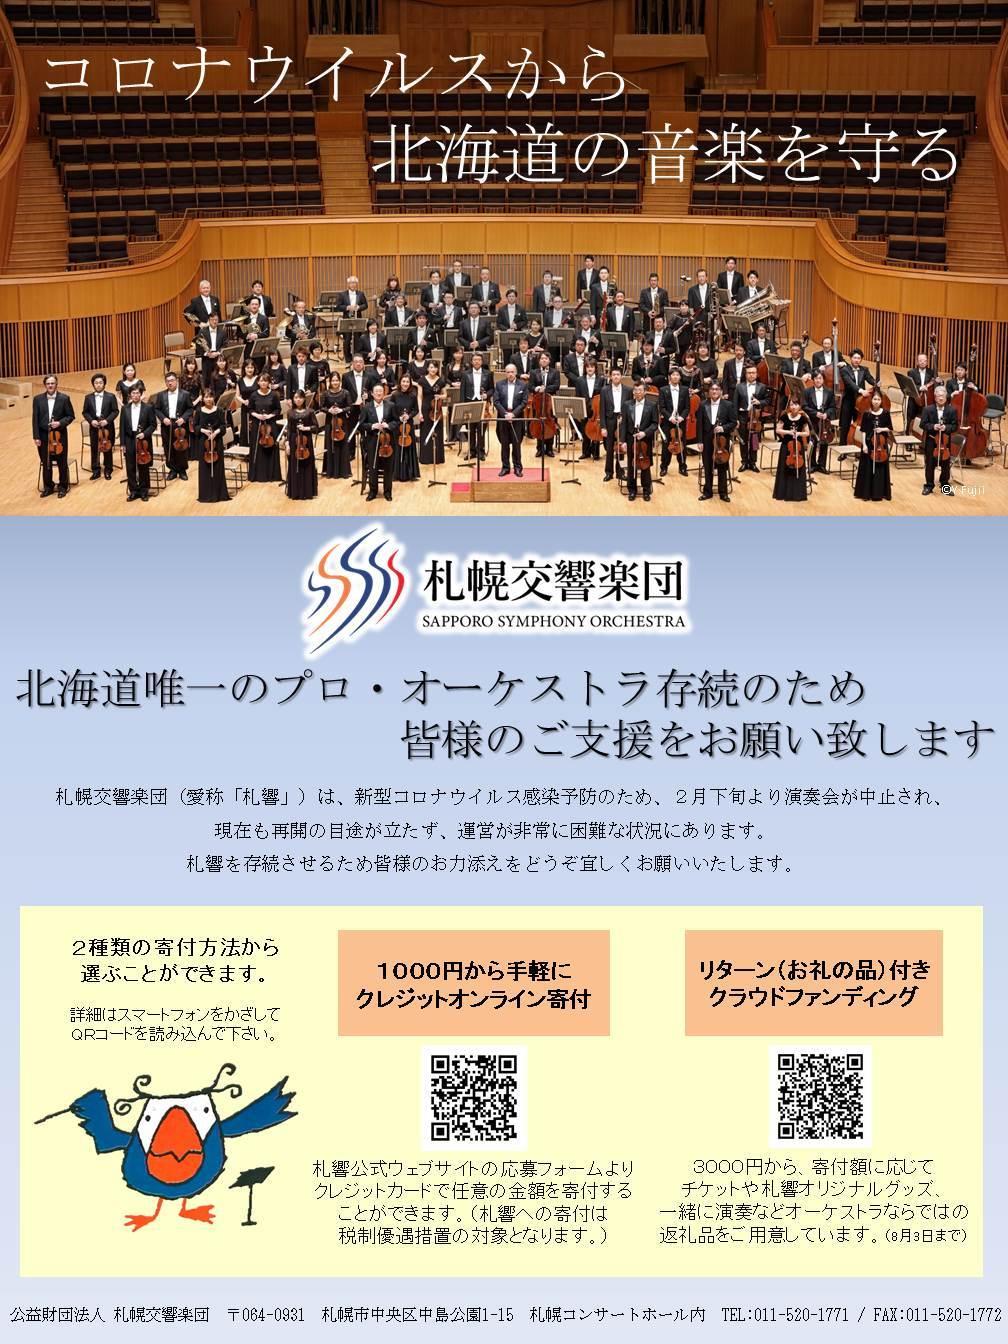 『札響ご支援のお願い』のポスター掲示、チラシ設置へのご協力のお願い